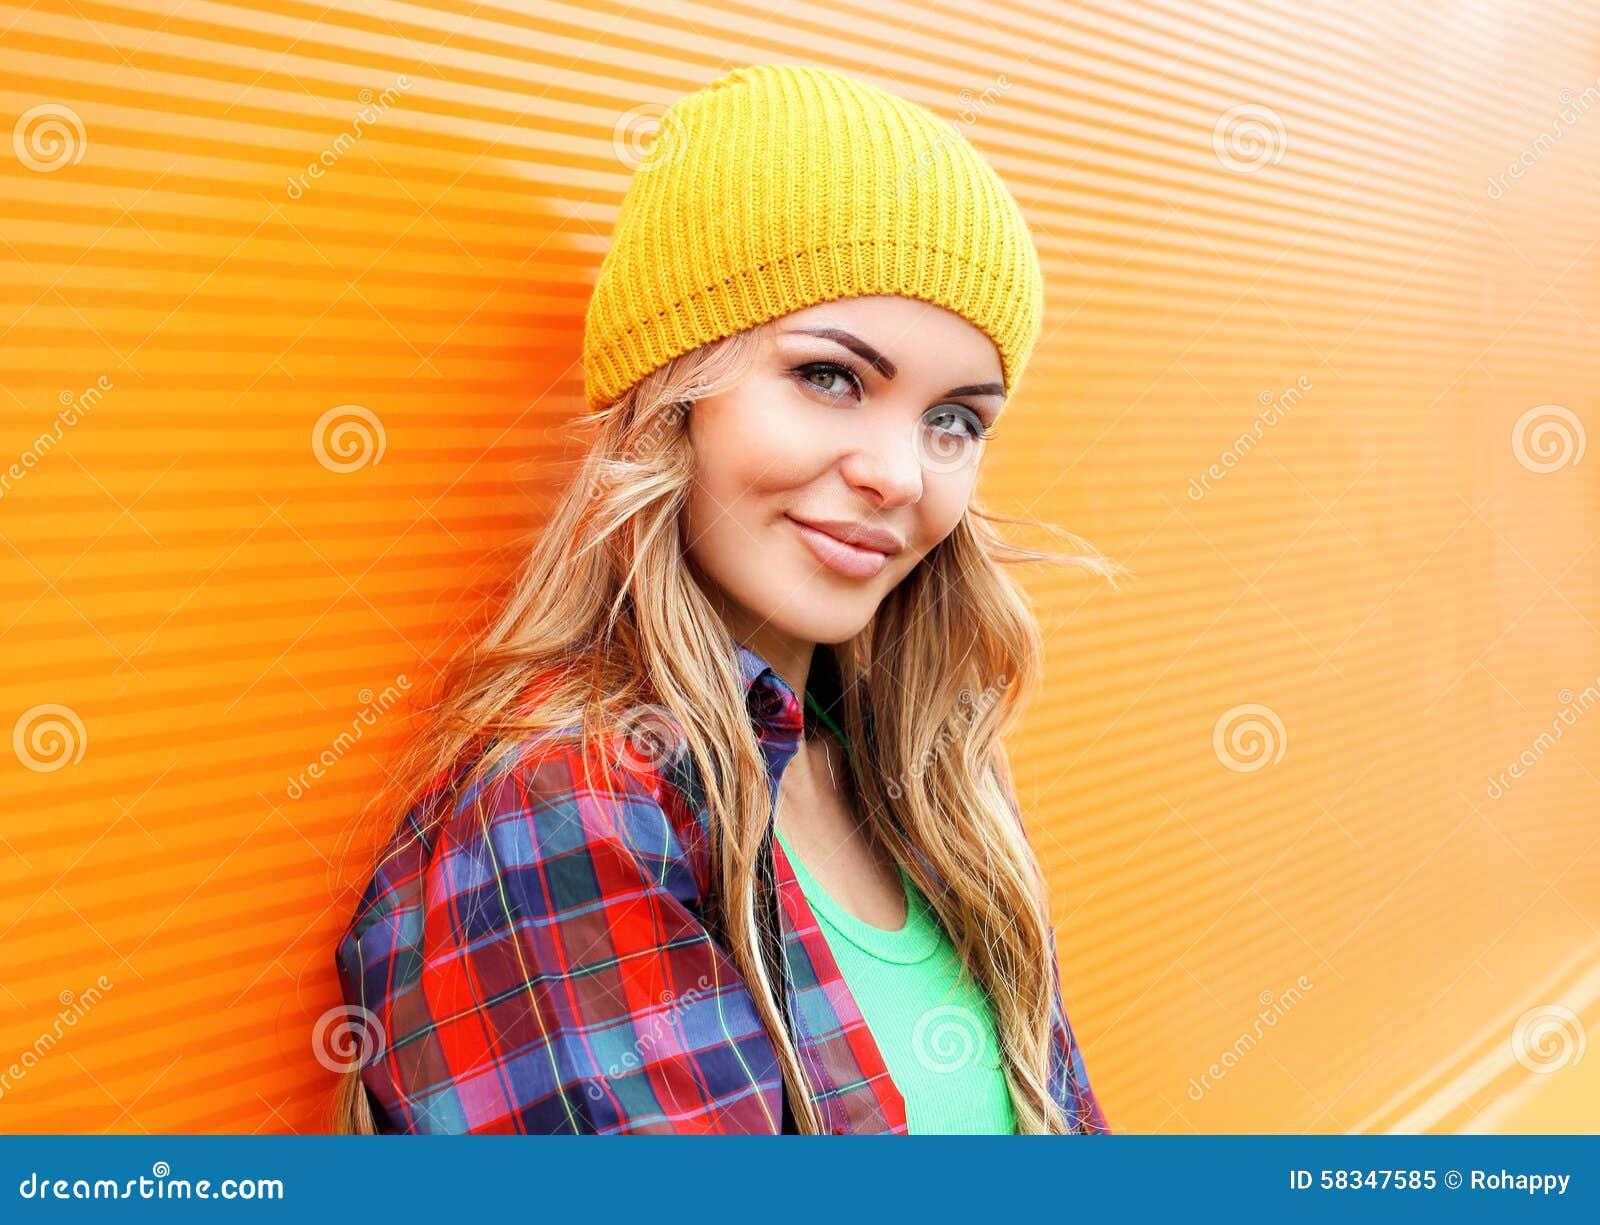 Retrato de la mujer bastante rubia en ropa colorida